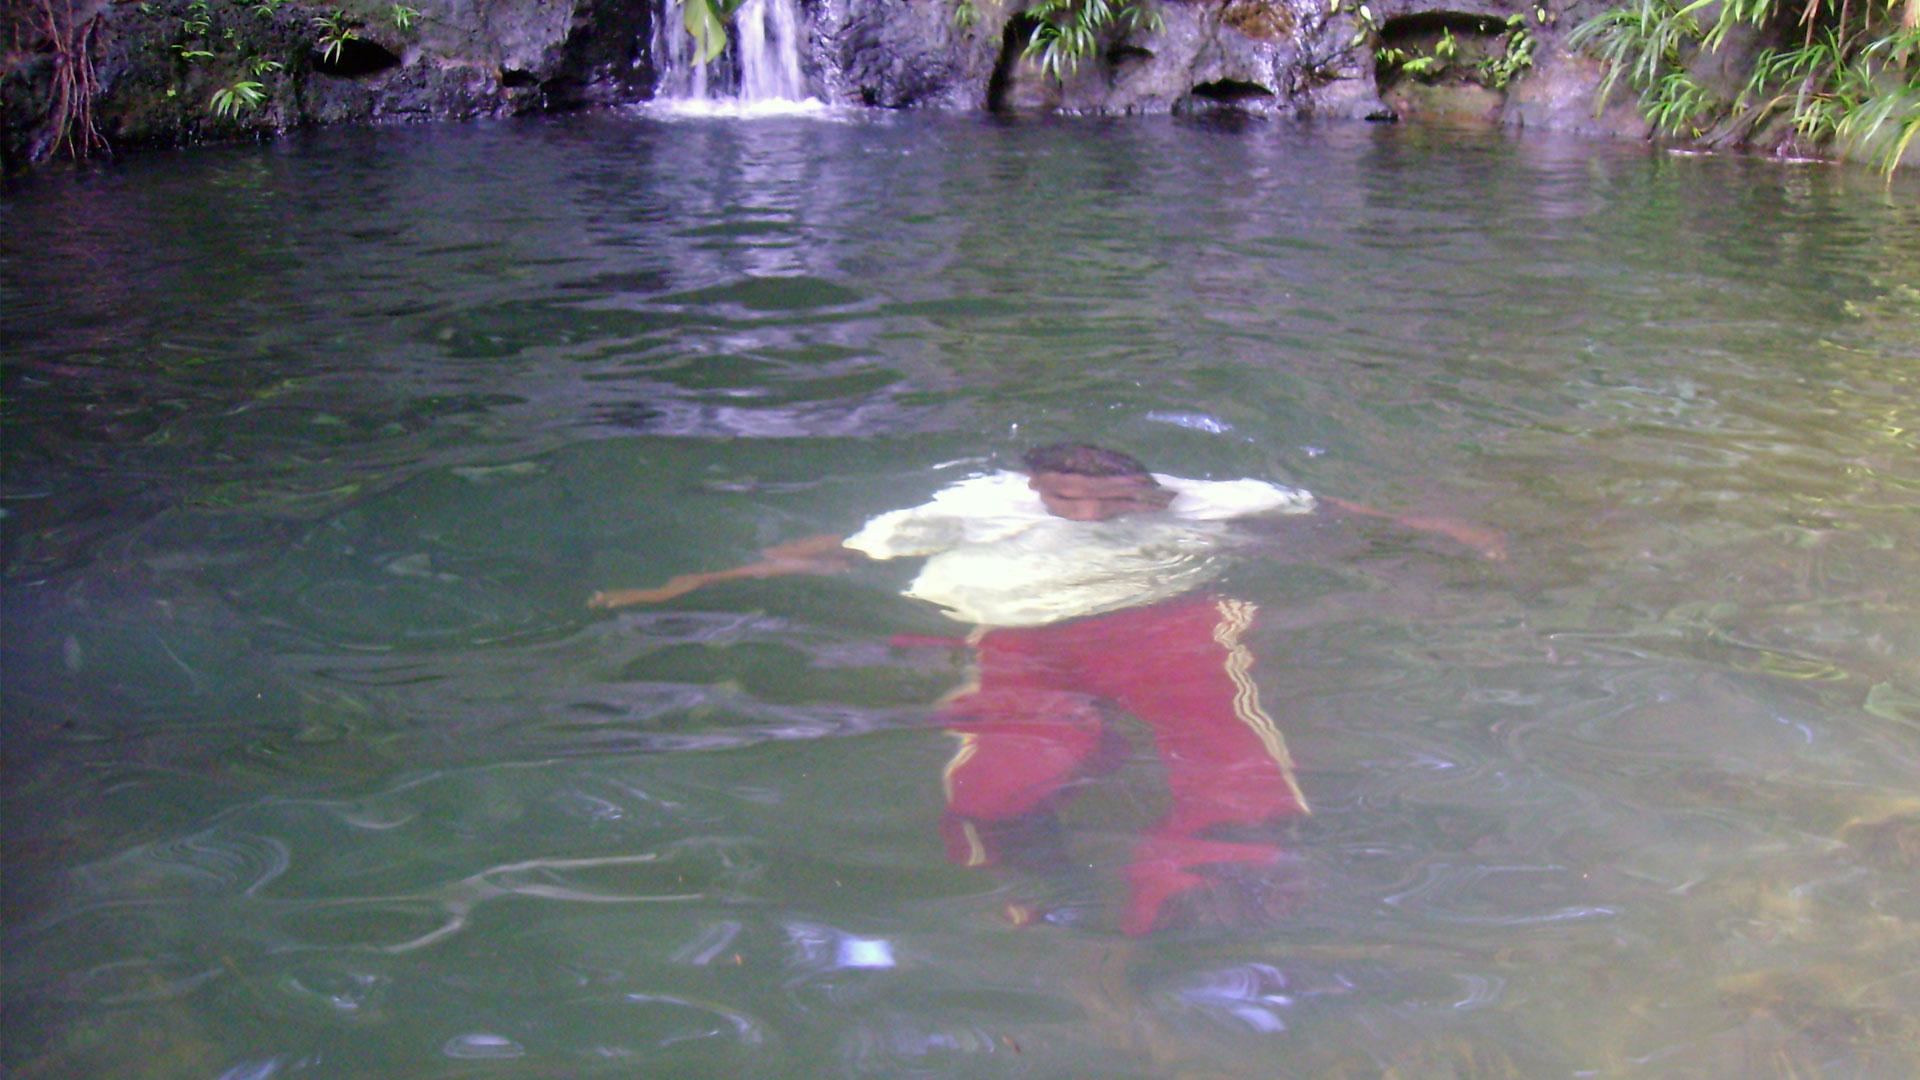 Fotografía de una persona sumergida dentro de la piscina natural